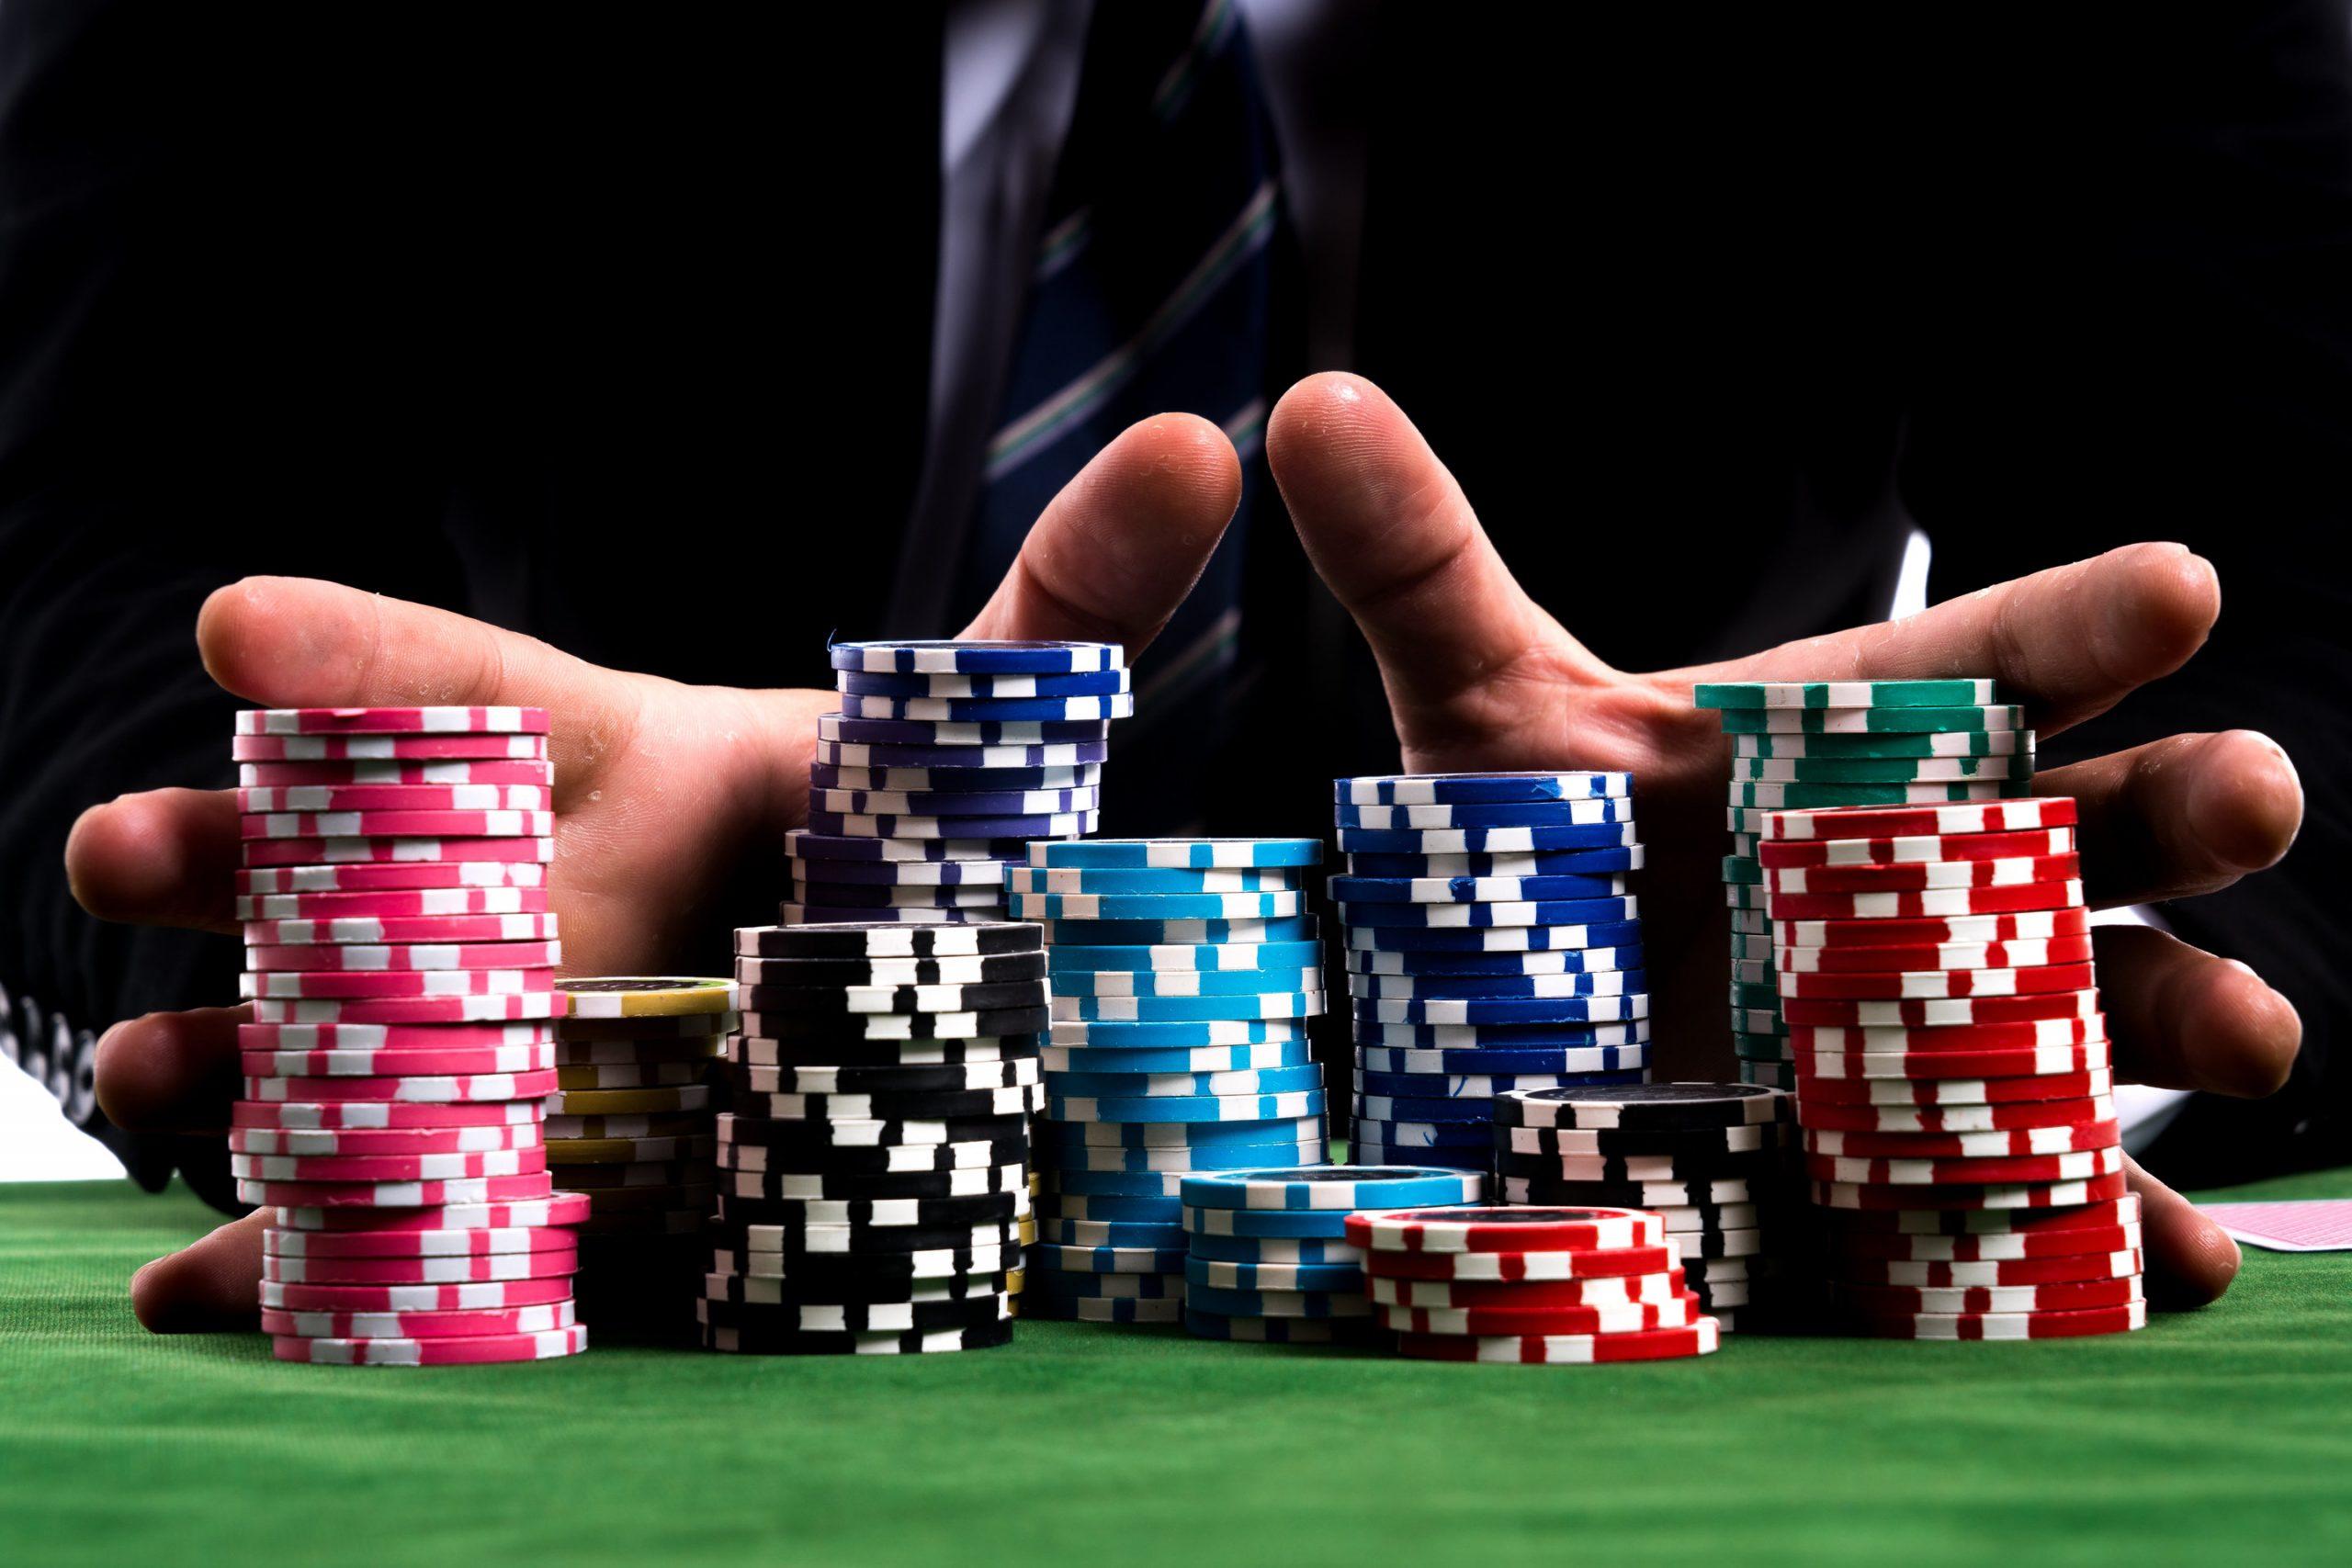 ポーカーゲームでオッズに勝つ方法